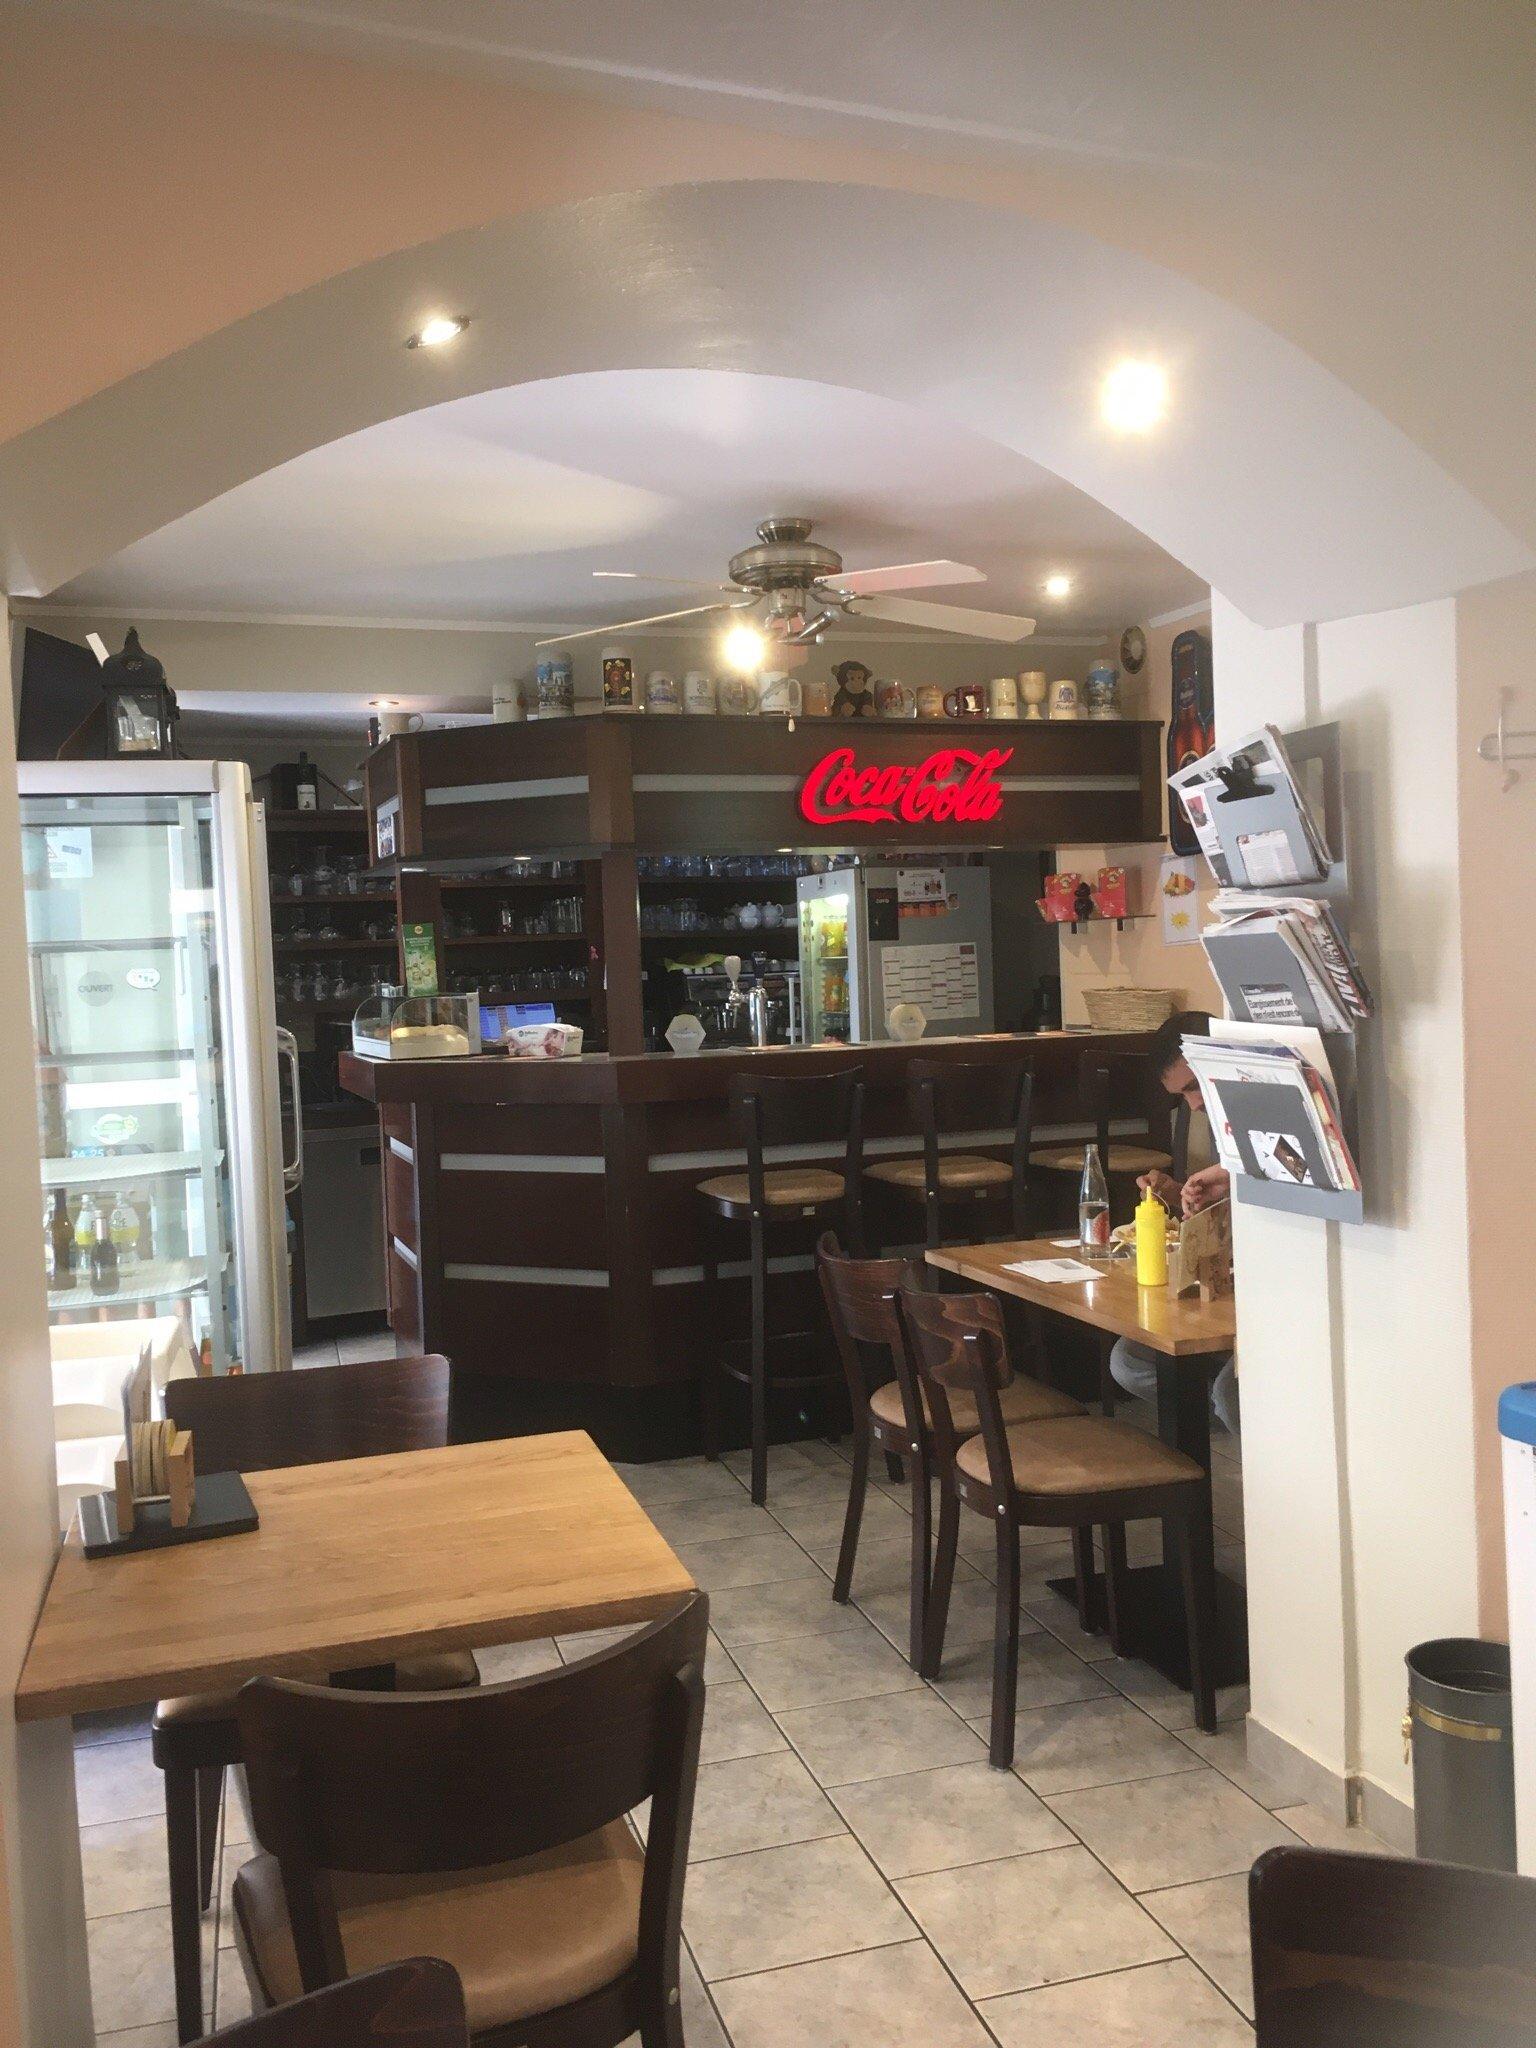 Maison de la gaufre clervaux restaurant avis photos for De la maison avis